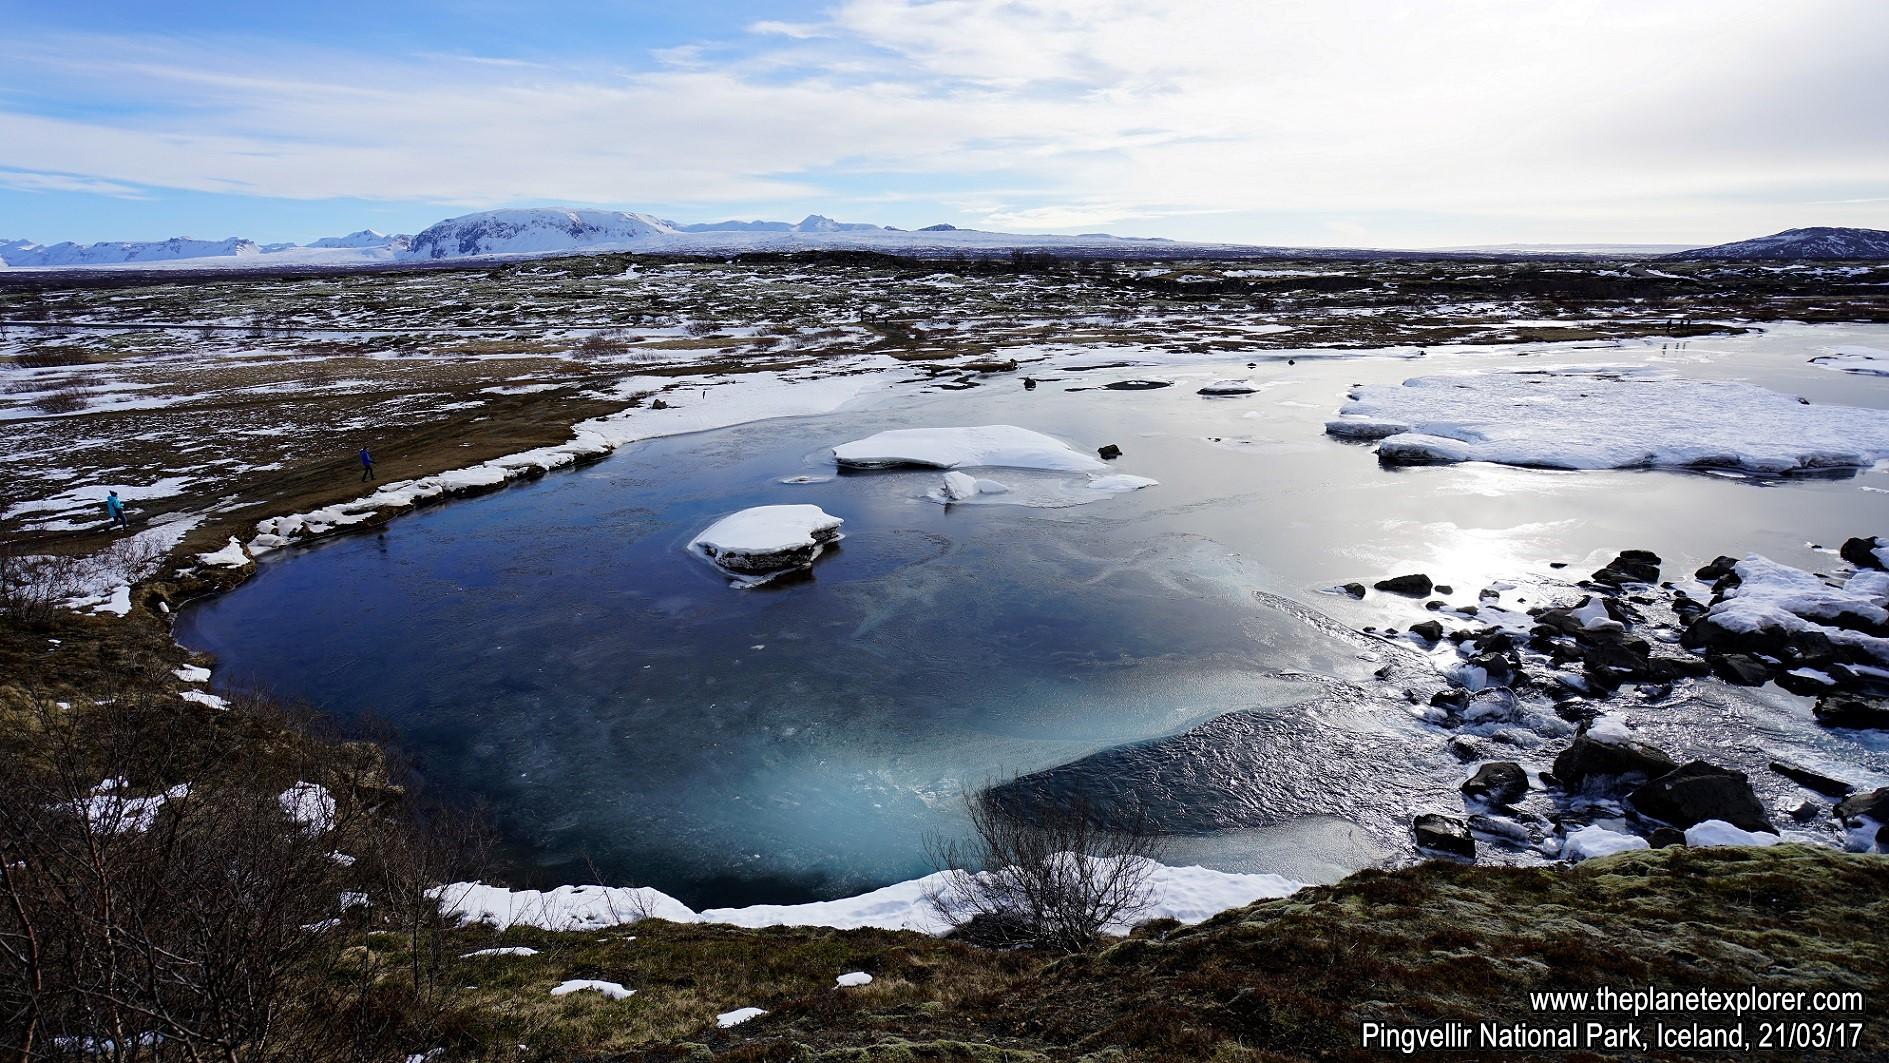 2017-03-21_1048_Iceland_Pingvellir National Park_DSC02173_s7R2_LR_@www